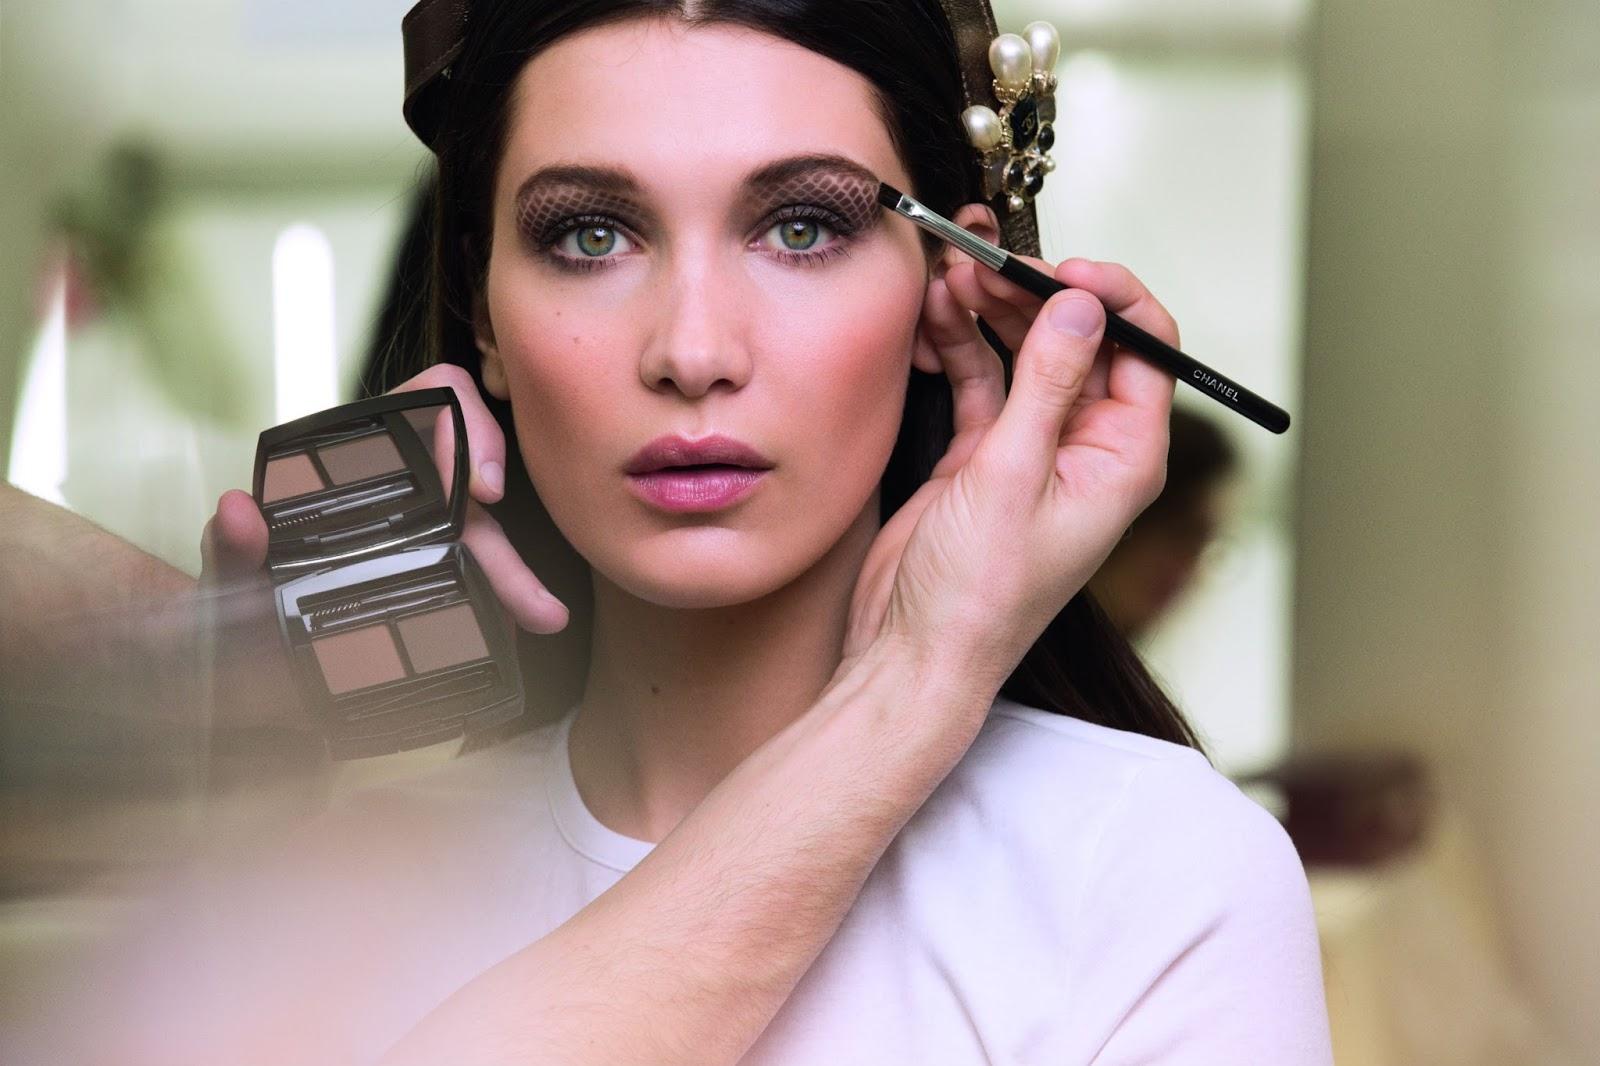 Las tendencias de maquillaje otoño invierno según Chanel | Quinta trends